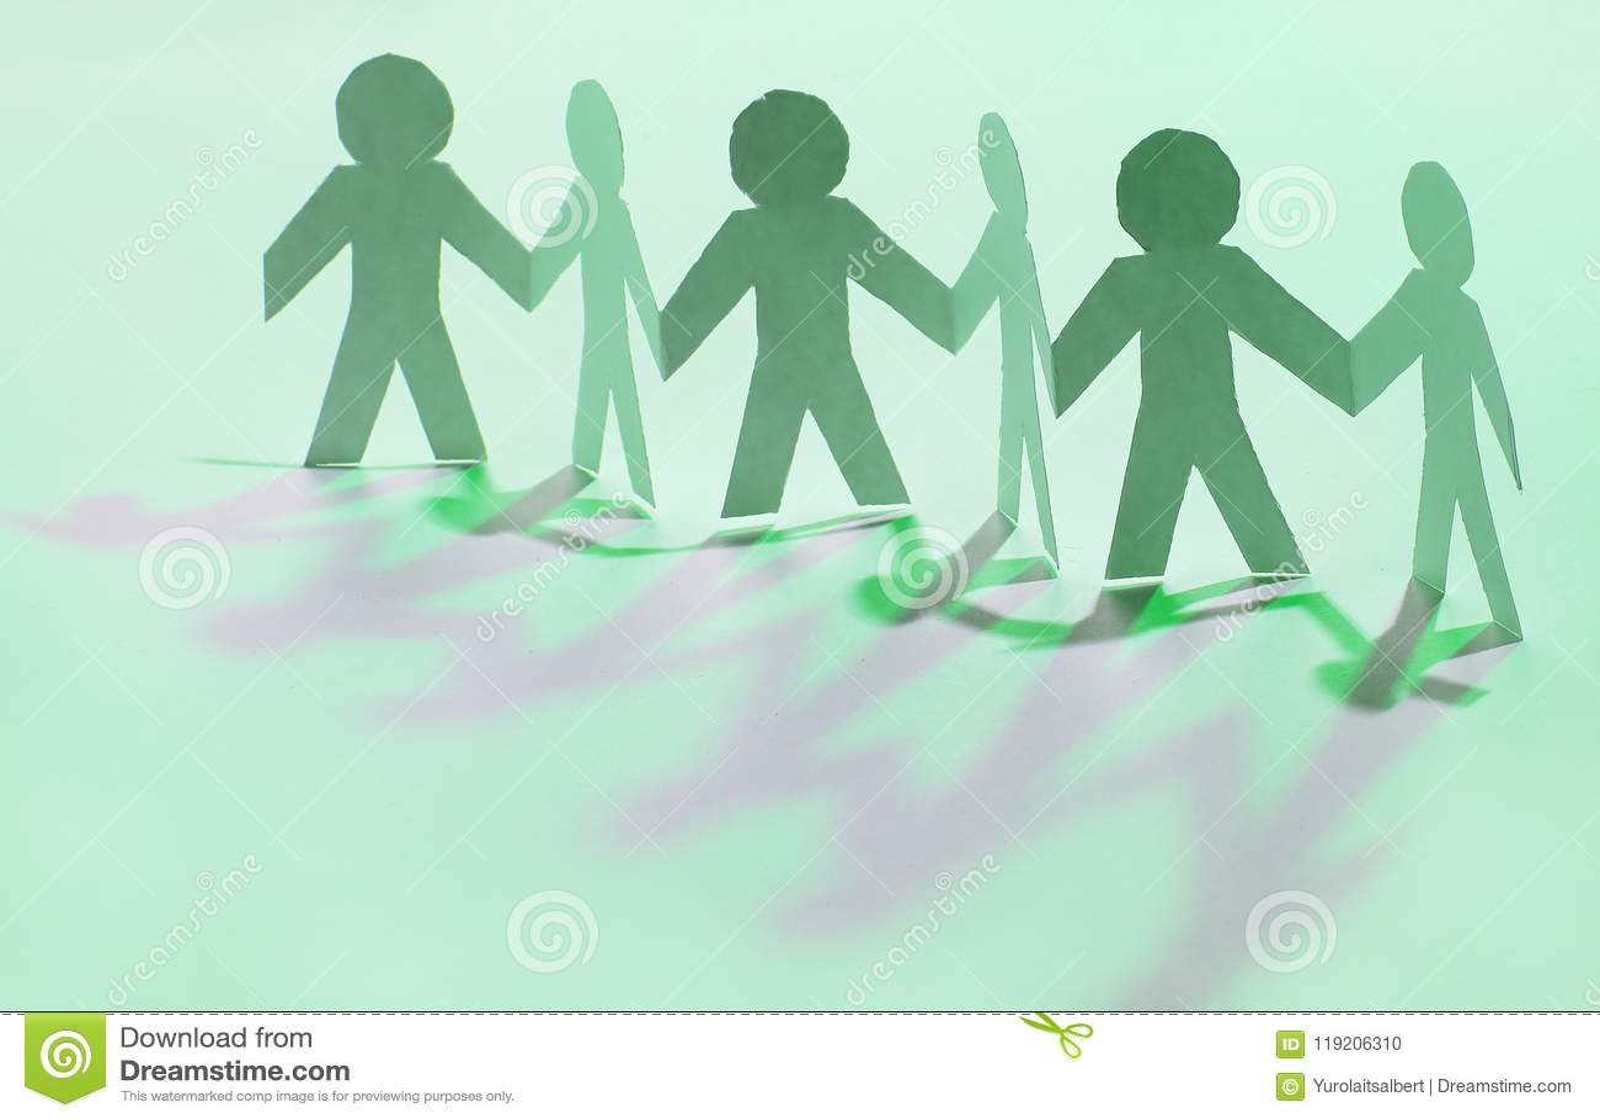 черной сыгранность принципиальной схемы 3d изолированная иллюстрацией стоять людей команды бумажный